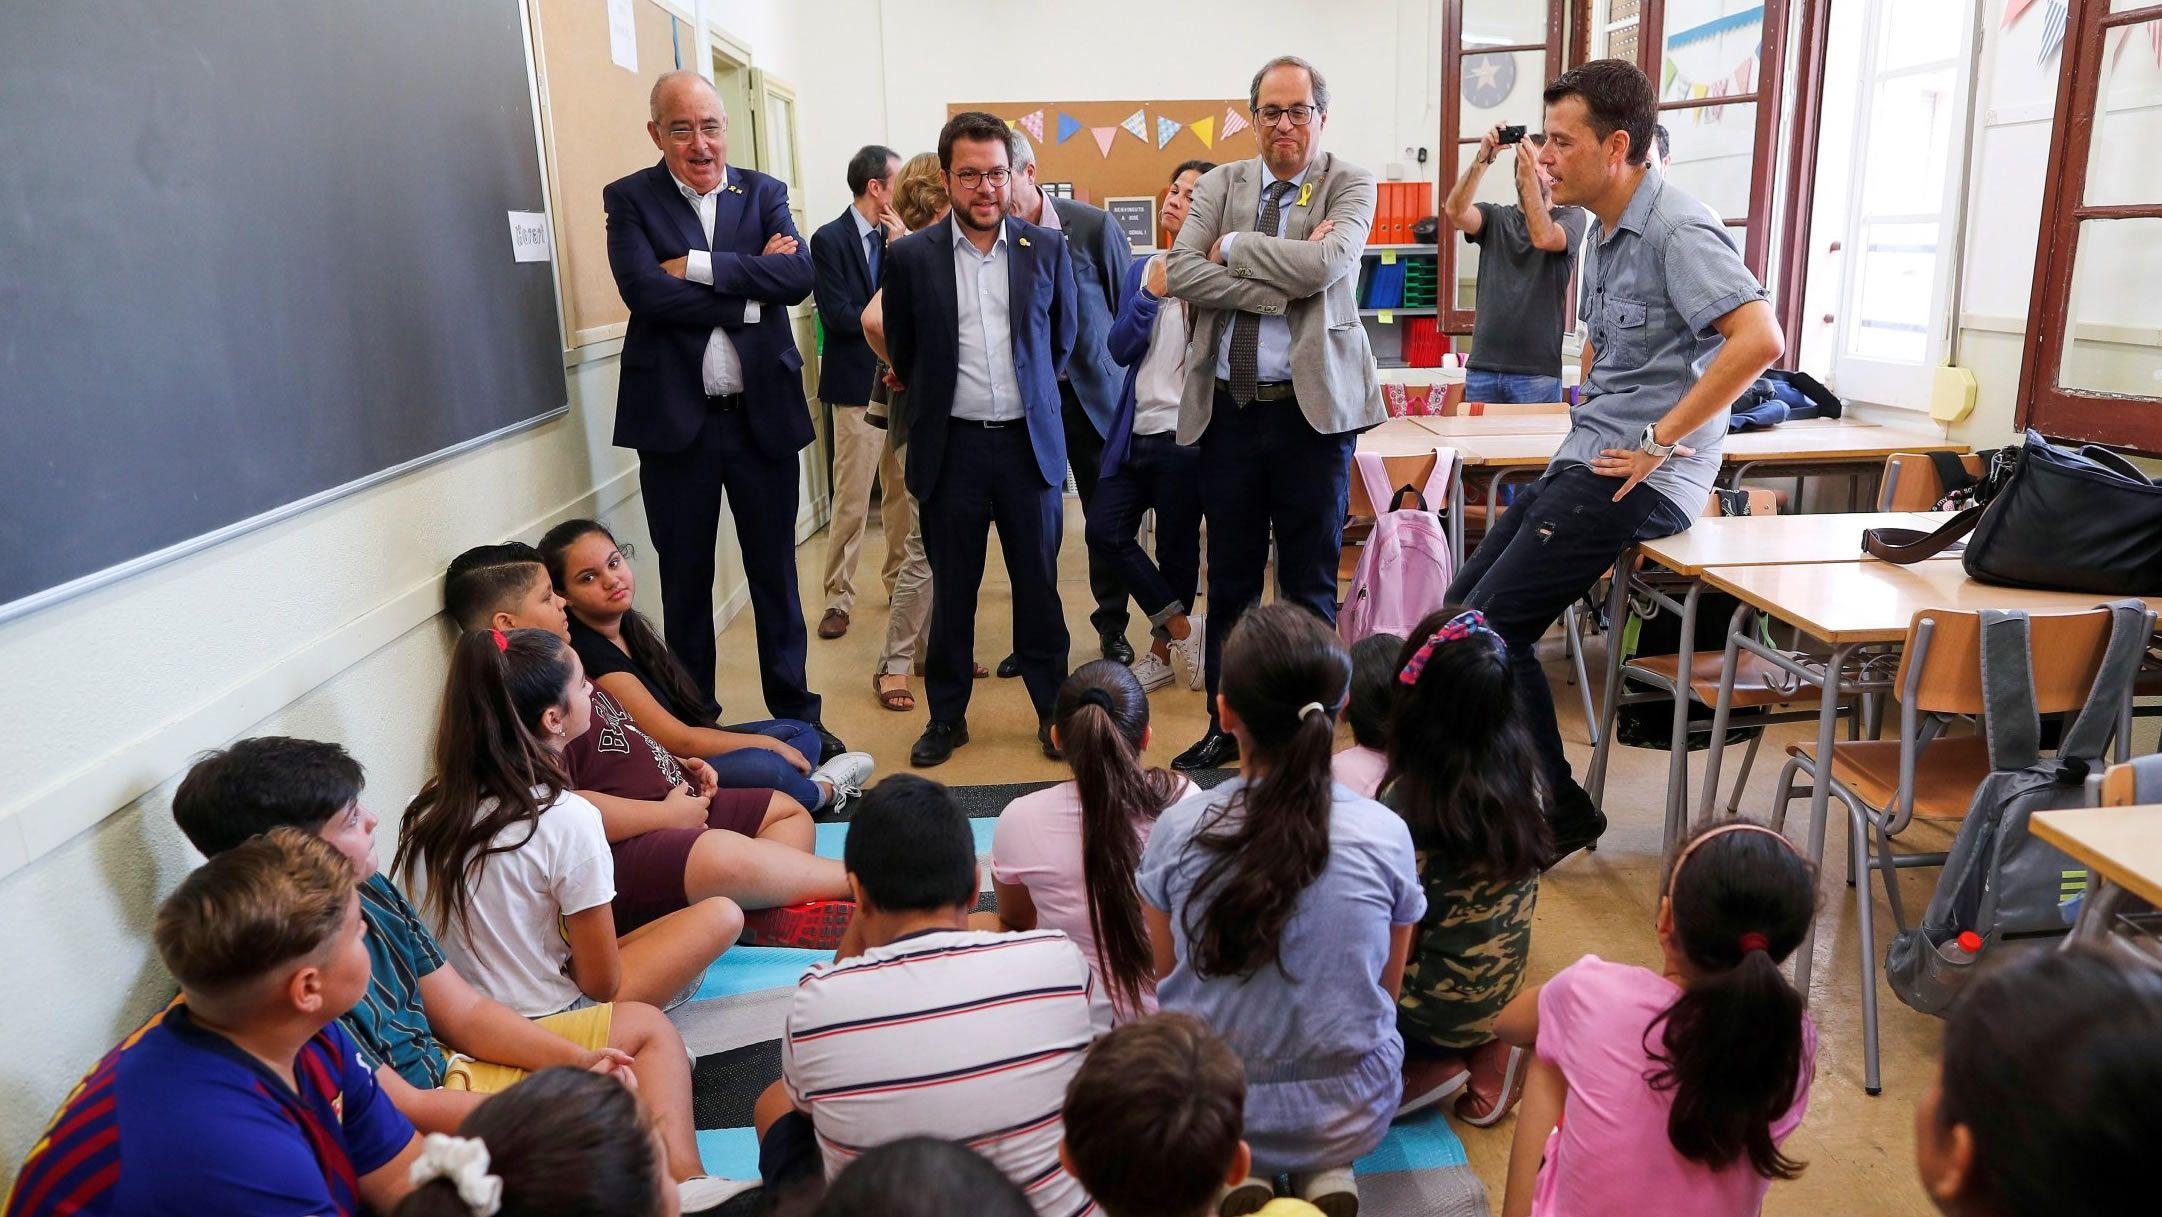 El president Quim Torra en una escuela infantil el primer día de curso